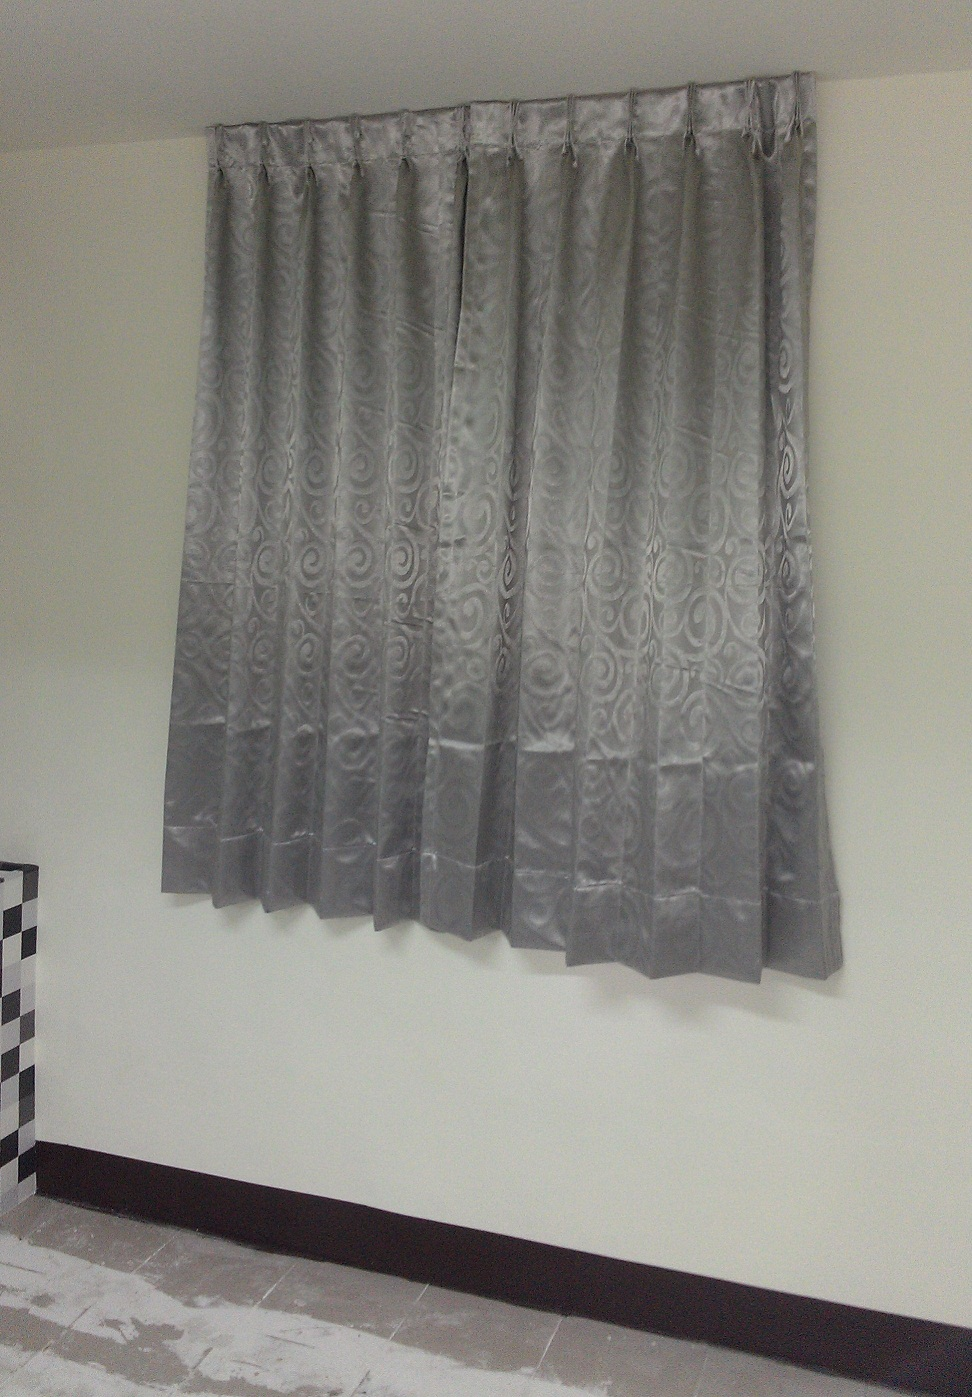 专业壁纸装潢施工,窗帘装潢安装-【立丰室内设计装潢